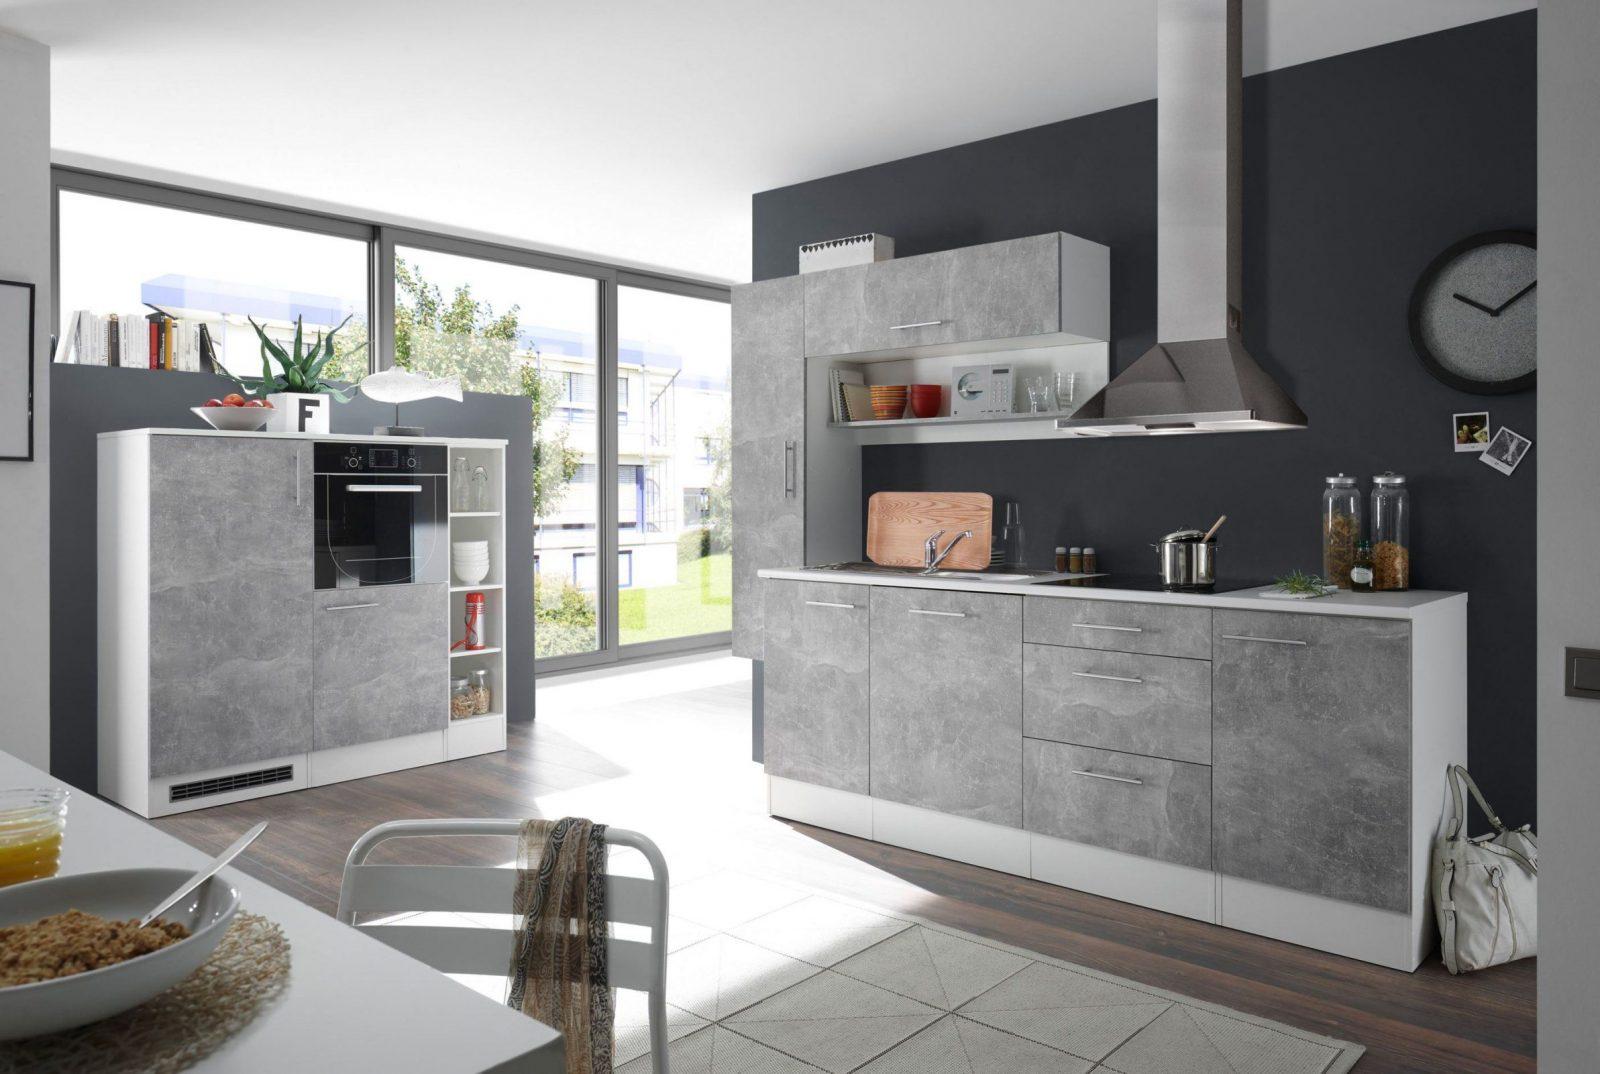 Küche Turn Küchenblock Küchenzeile 260Cm Einbauküche Miniküche von Küchenzeile 260 Cm Mit Elektrogeräten Photo